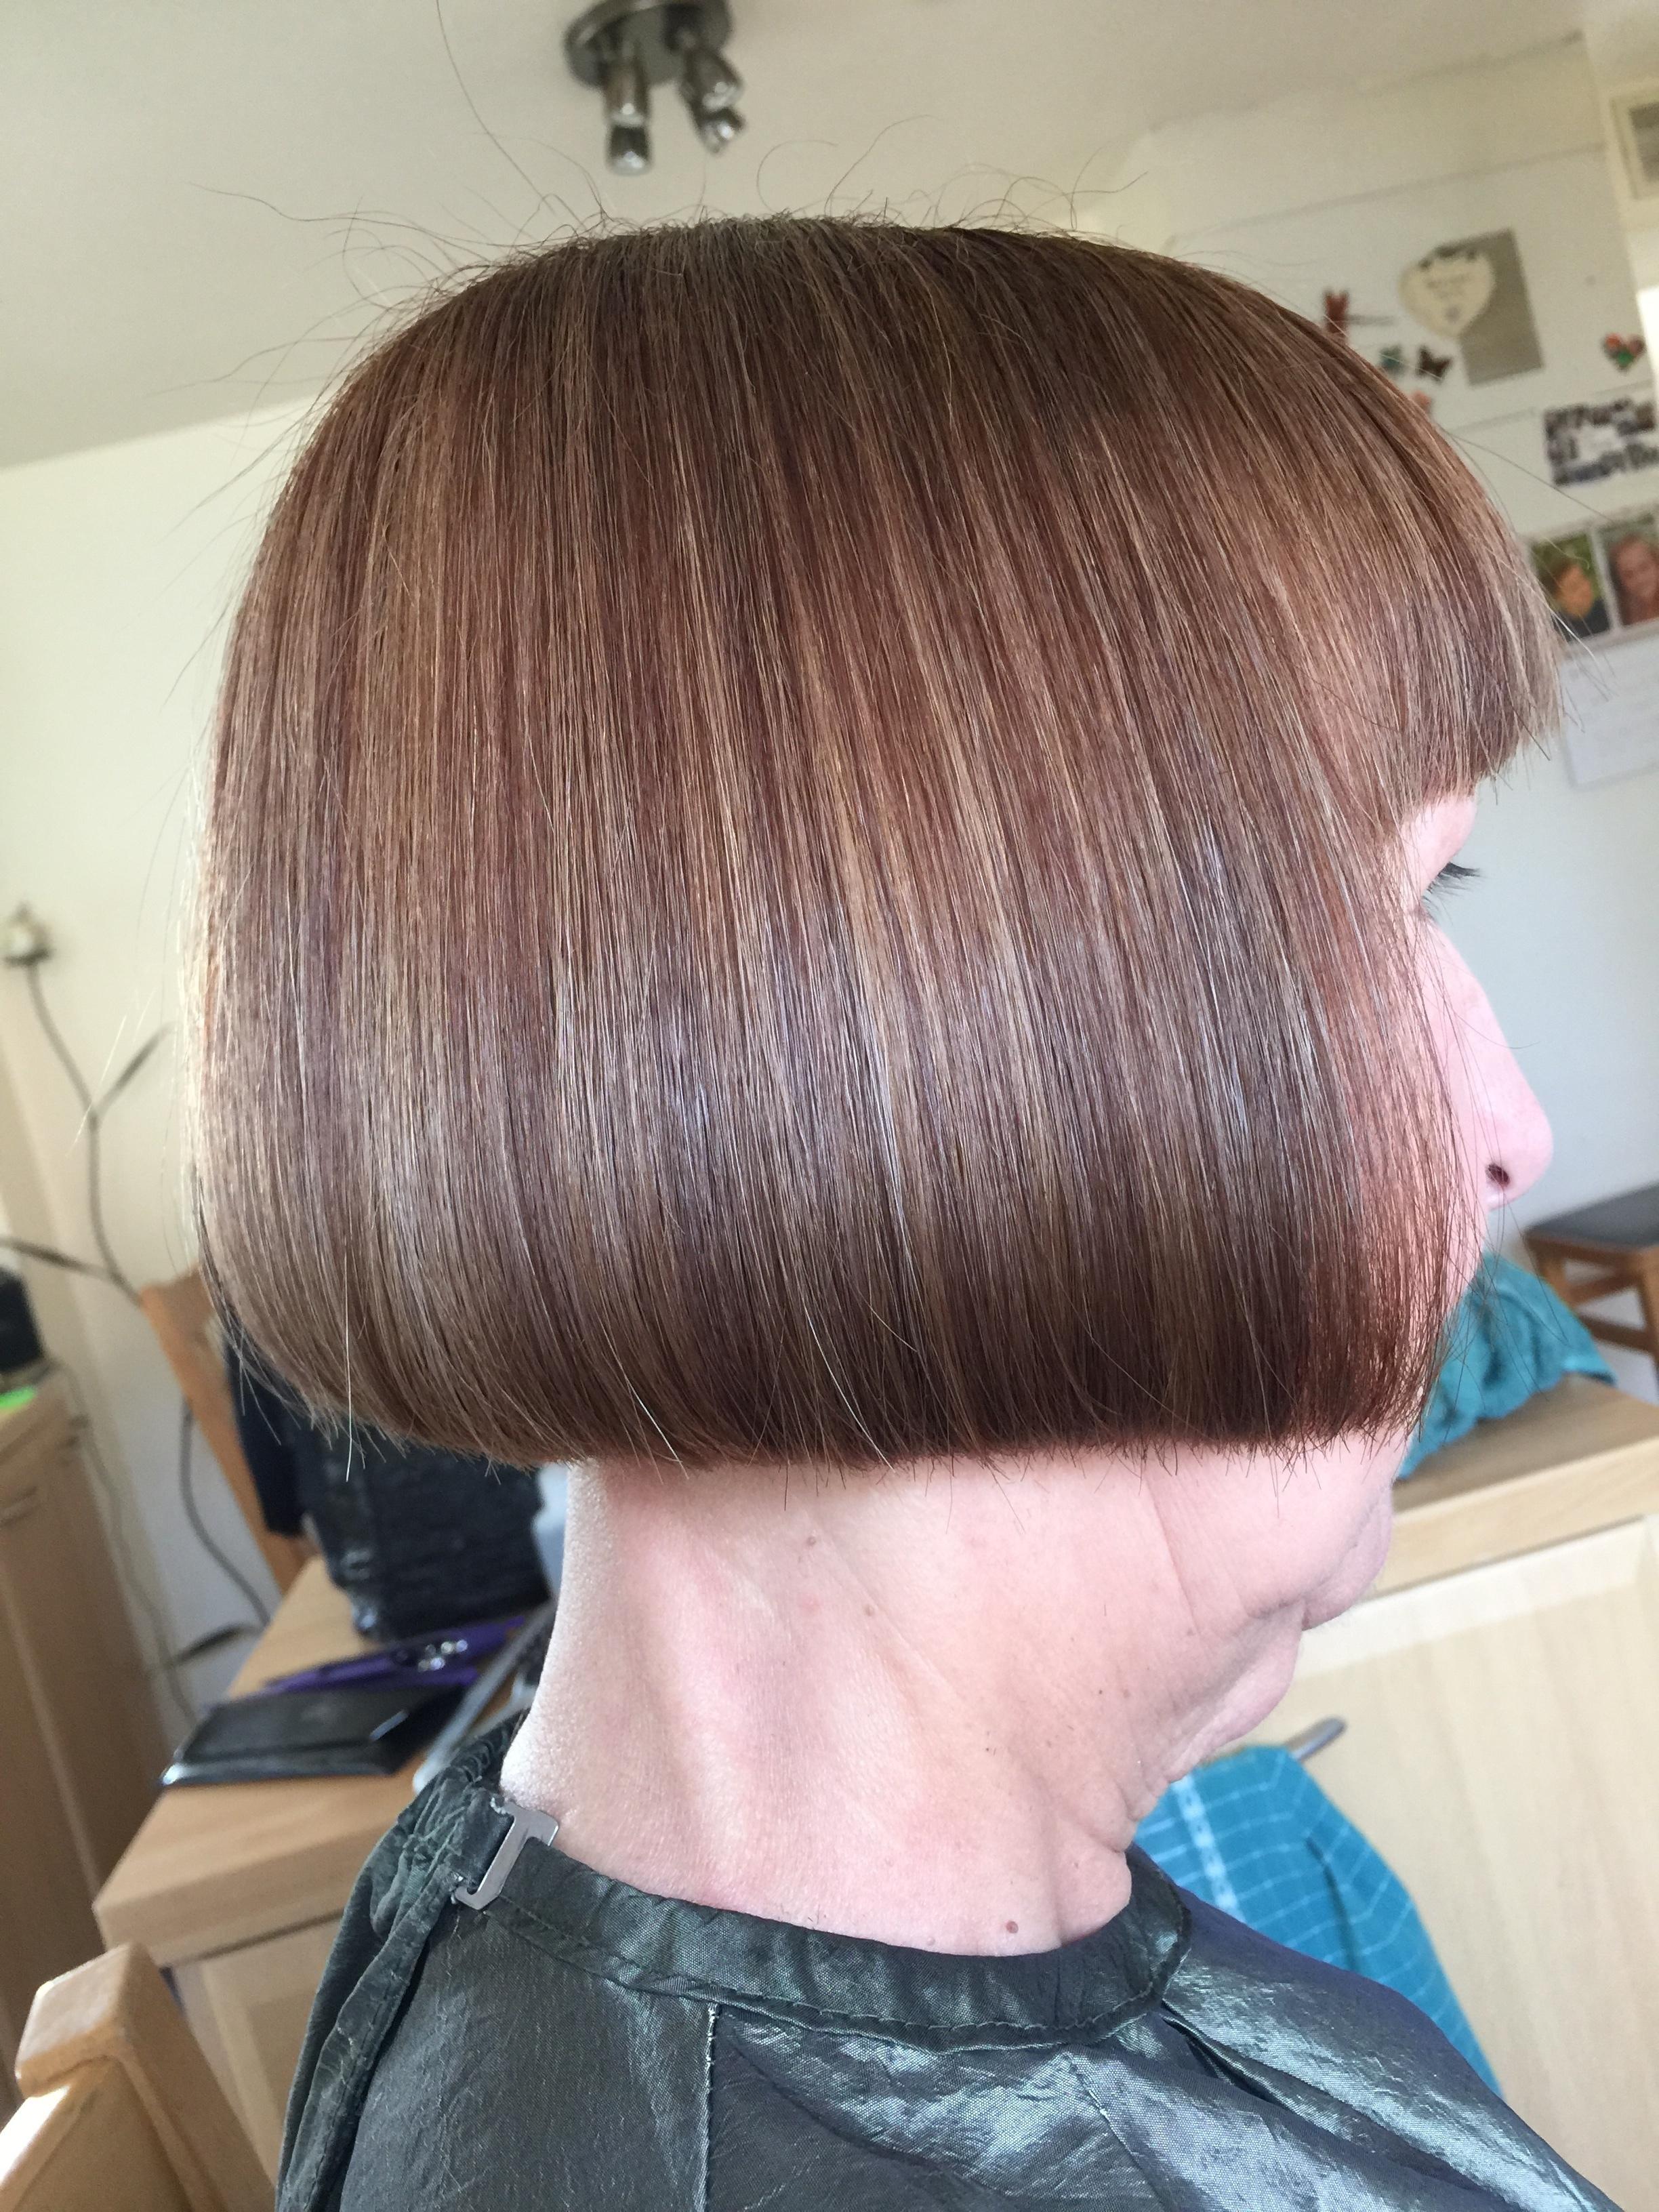 One Length Bob Haircut Tutorial By Mark Martin Mhd